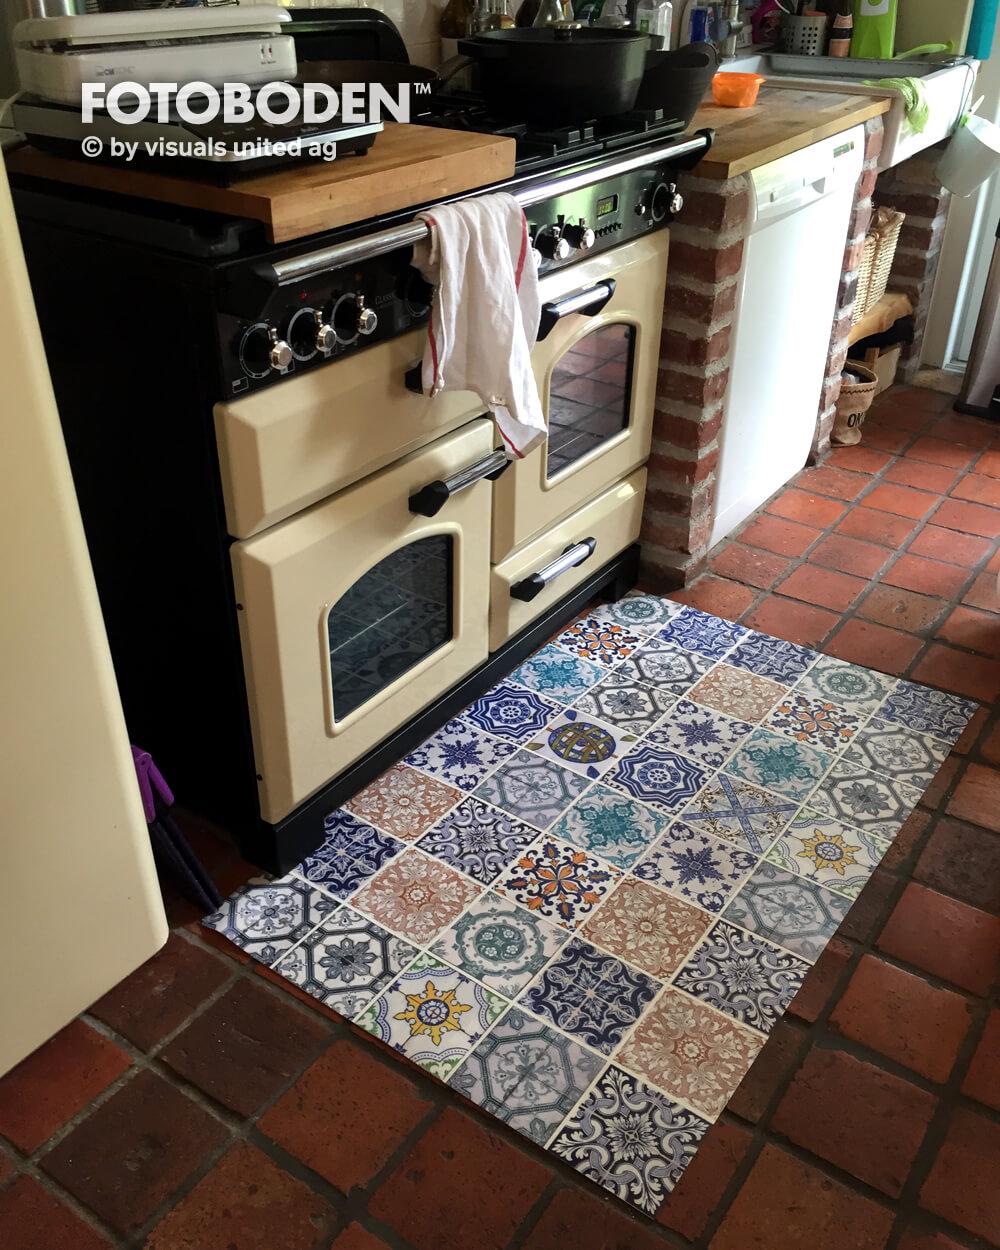 Fu Boden K Che küchengestaltung geht auch mit fotoboden fotoboden de